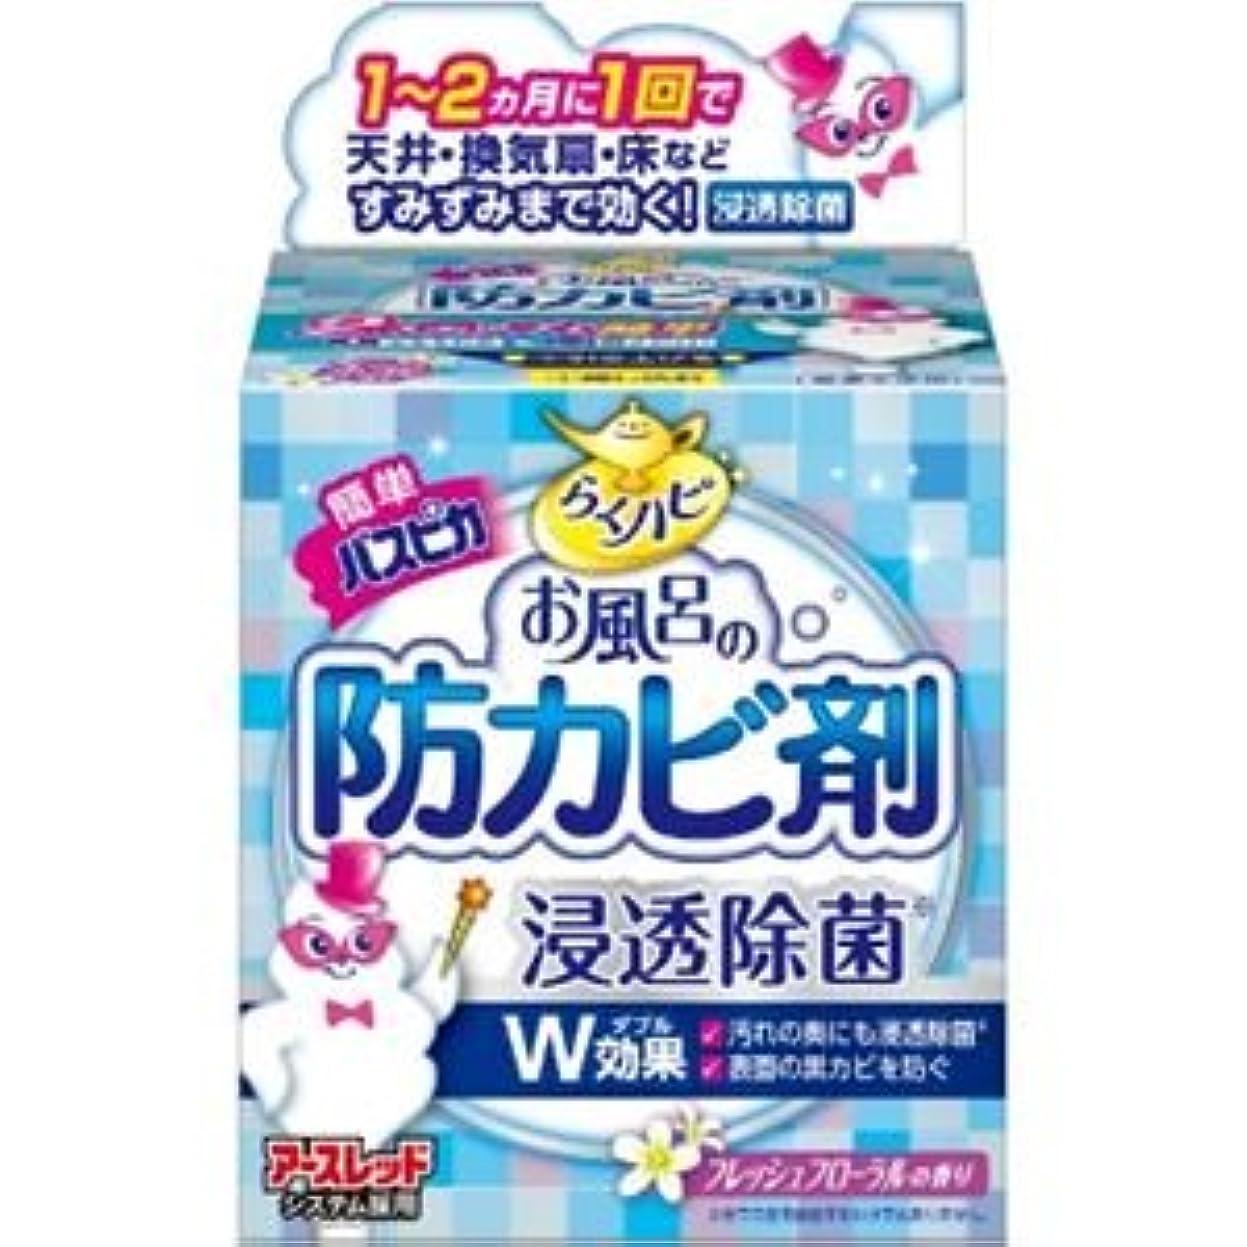 解決投げる頑丈(まとめ)アース製薬 らくハピお風呂の防カビ剤フローラルの香り 【×3点セット】